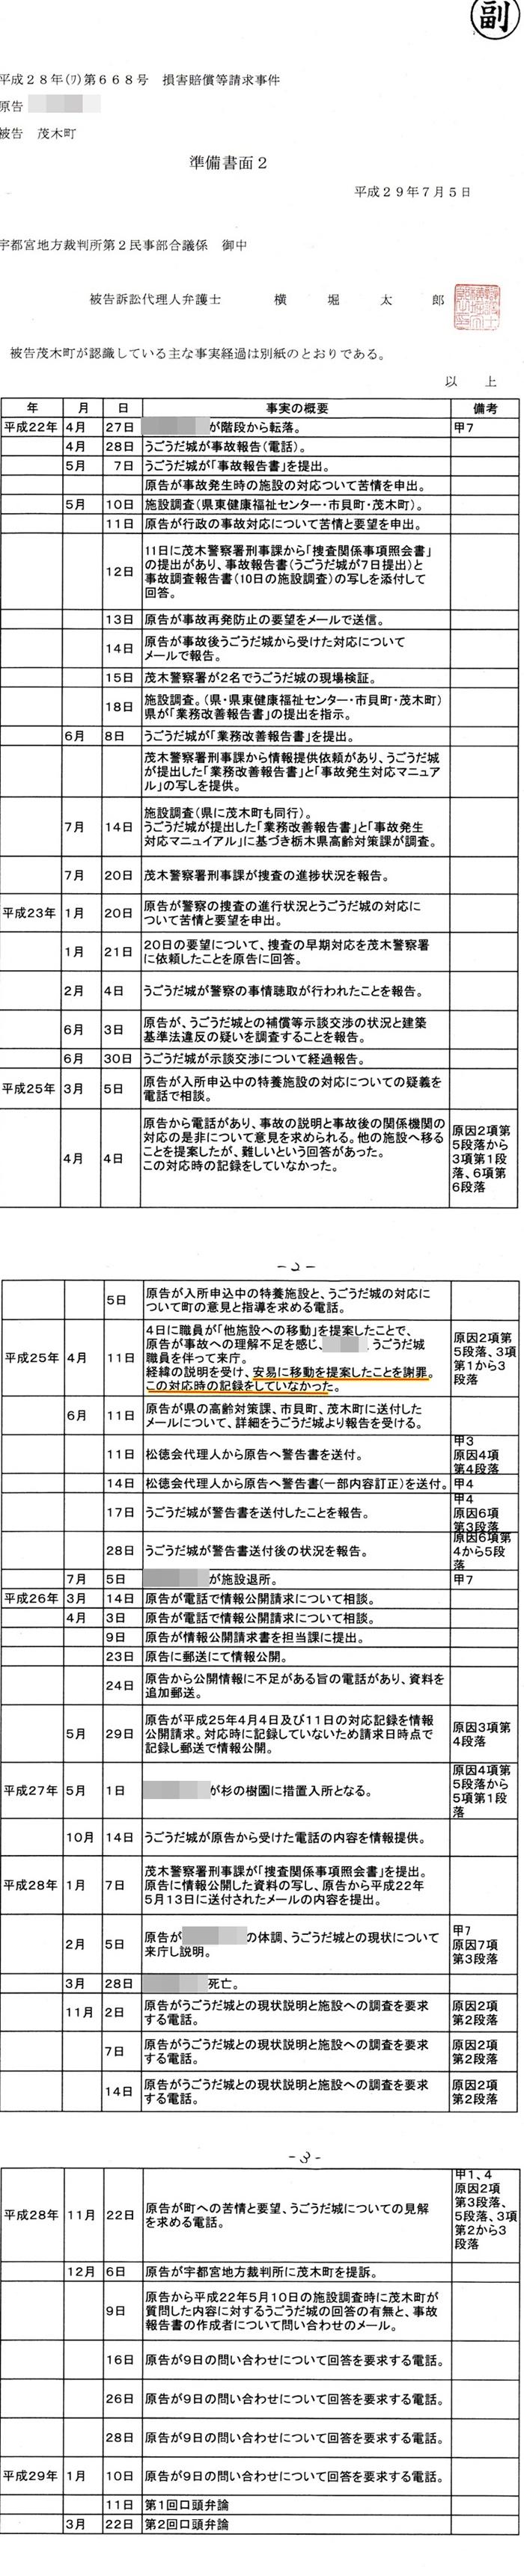 準備書面2 横堀太郎弁護士 古口達也町長 茂木町 道の駅もてぎ2